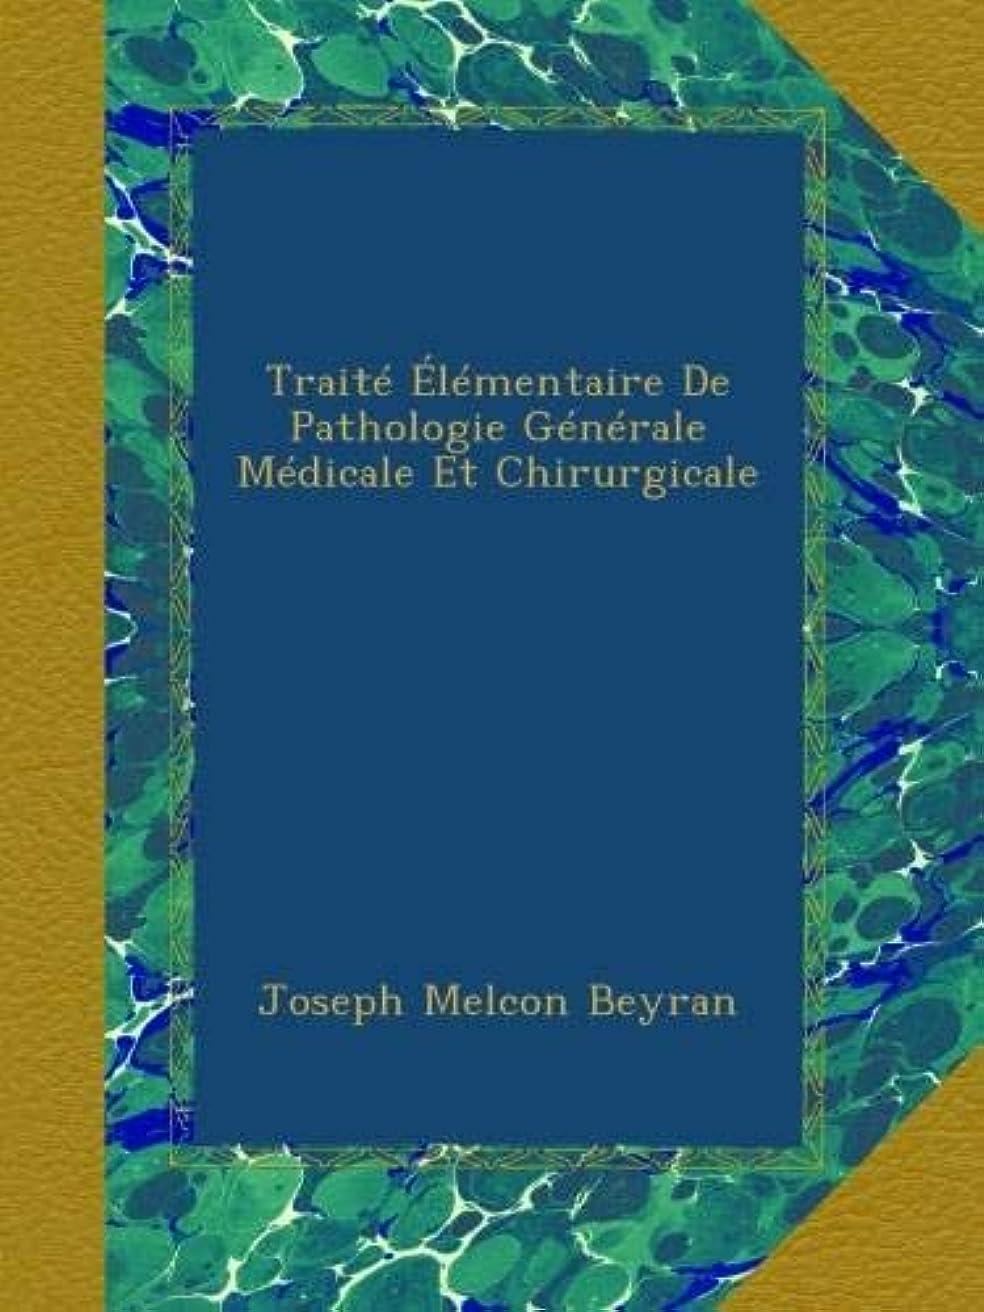 交響曲船形エッセイTraité élémentaire De Pathologie Générale Médicale Et Chirurgicale